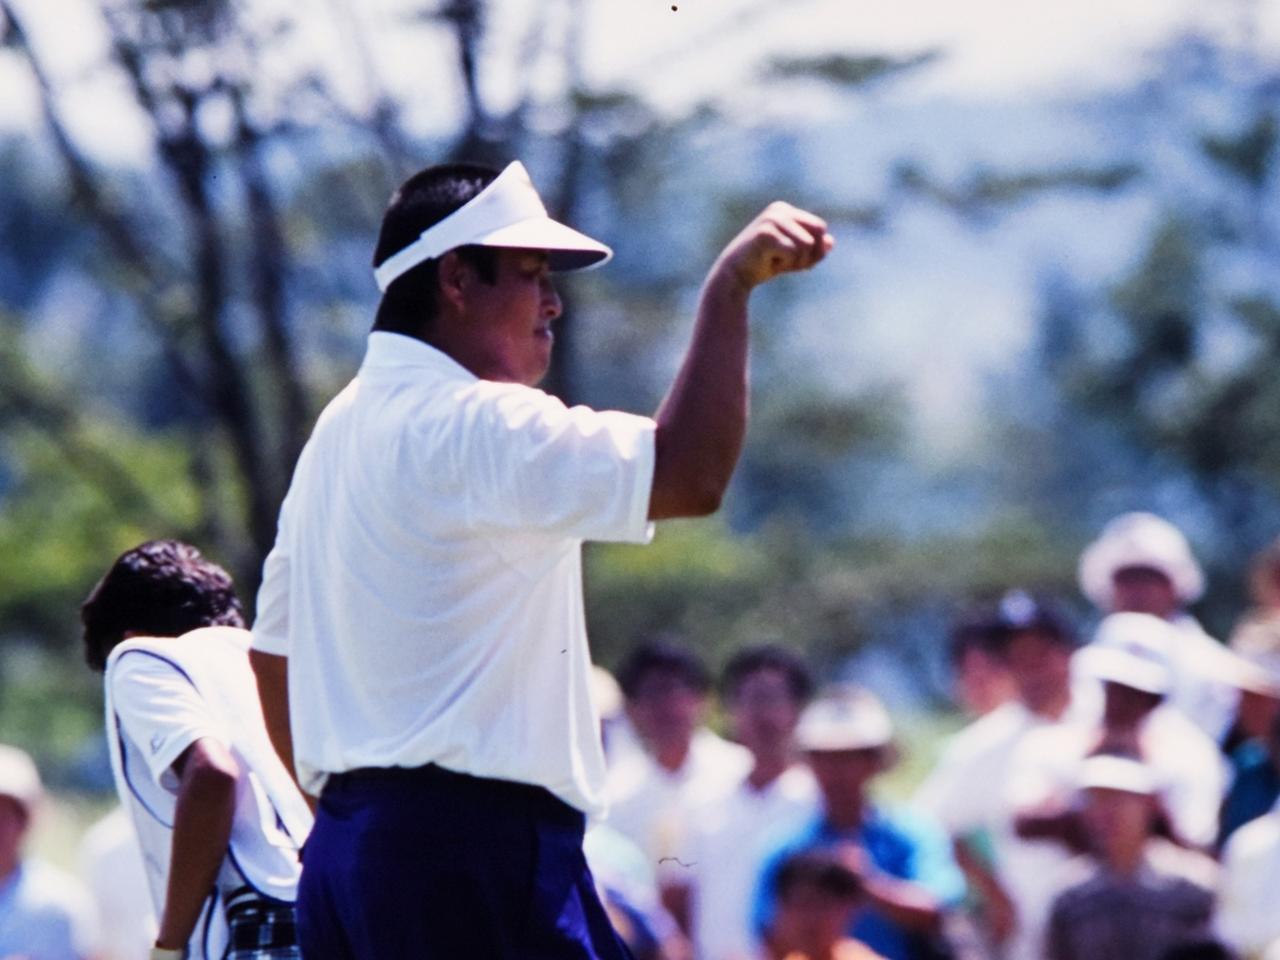 画像: 【伝説の名勝負。ヒーローの足跡】プレステージカントリークラブ。ジャンボが最終日61のコース新、大逆転で通算70勝目。1991年日本プロ - ゴルフへ行こうWEB by ゴルフダイジェスト